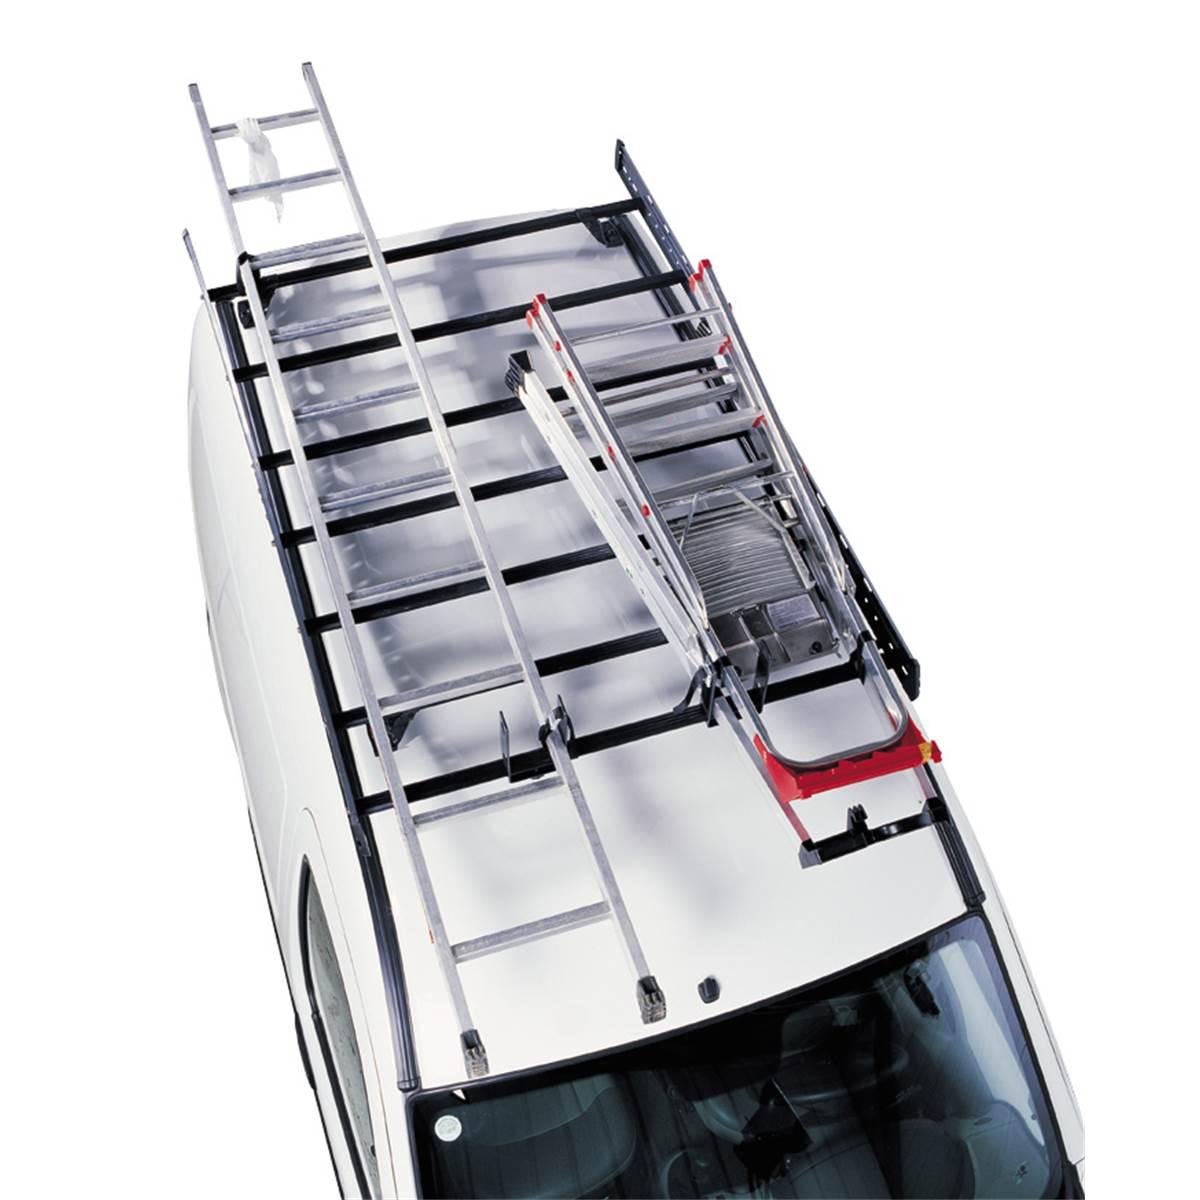 Galerie pour véhicule utilitaire PRO DECK MONT BLANC 511